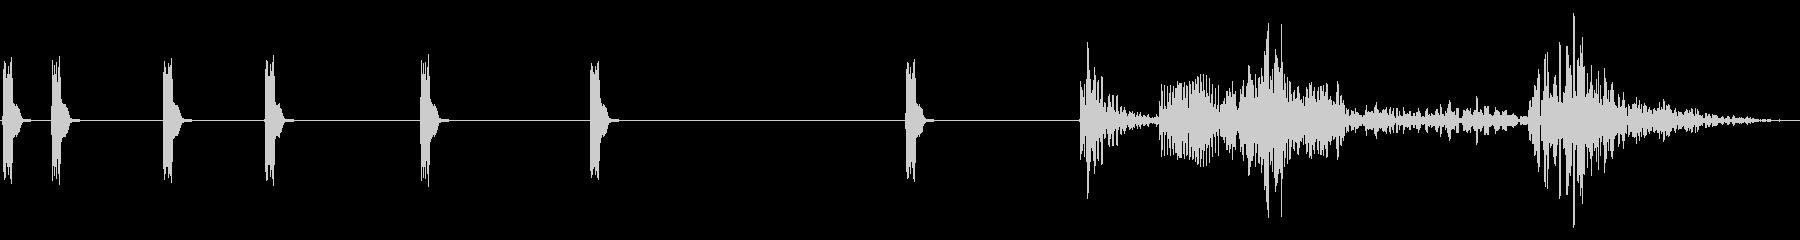 8ビット電子グリッチ:短いシーケンスの未再生の波形